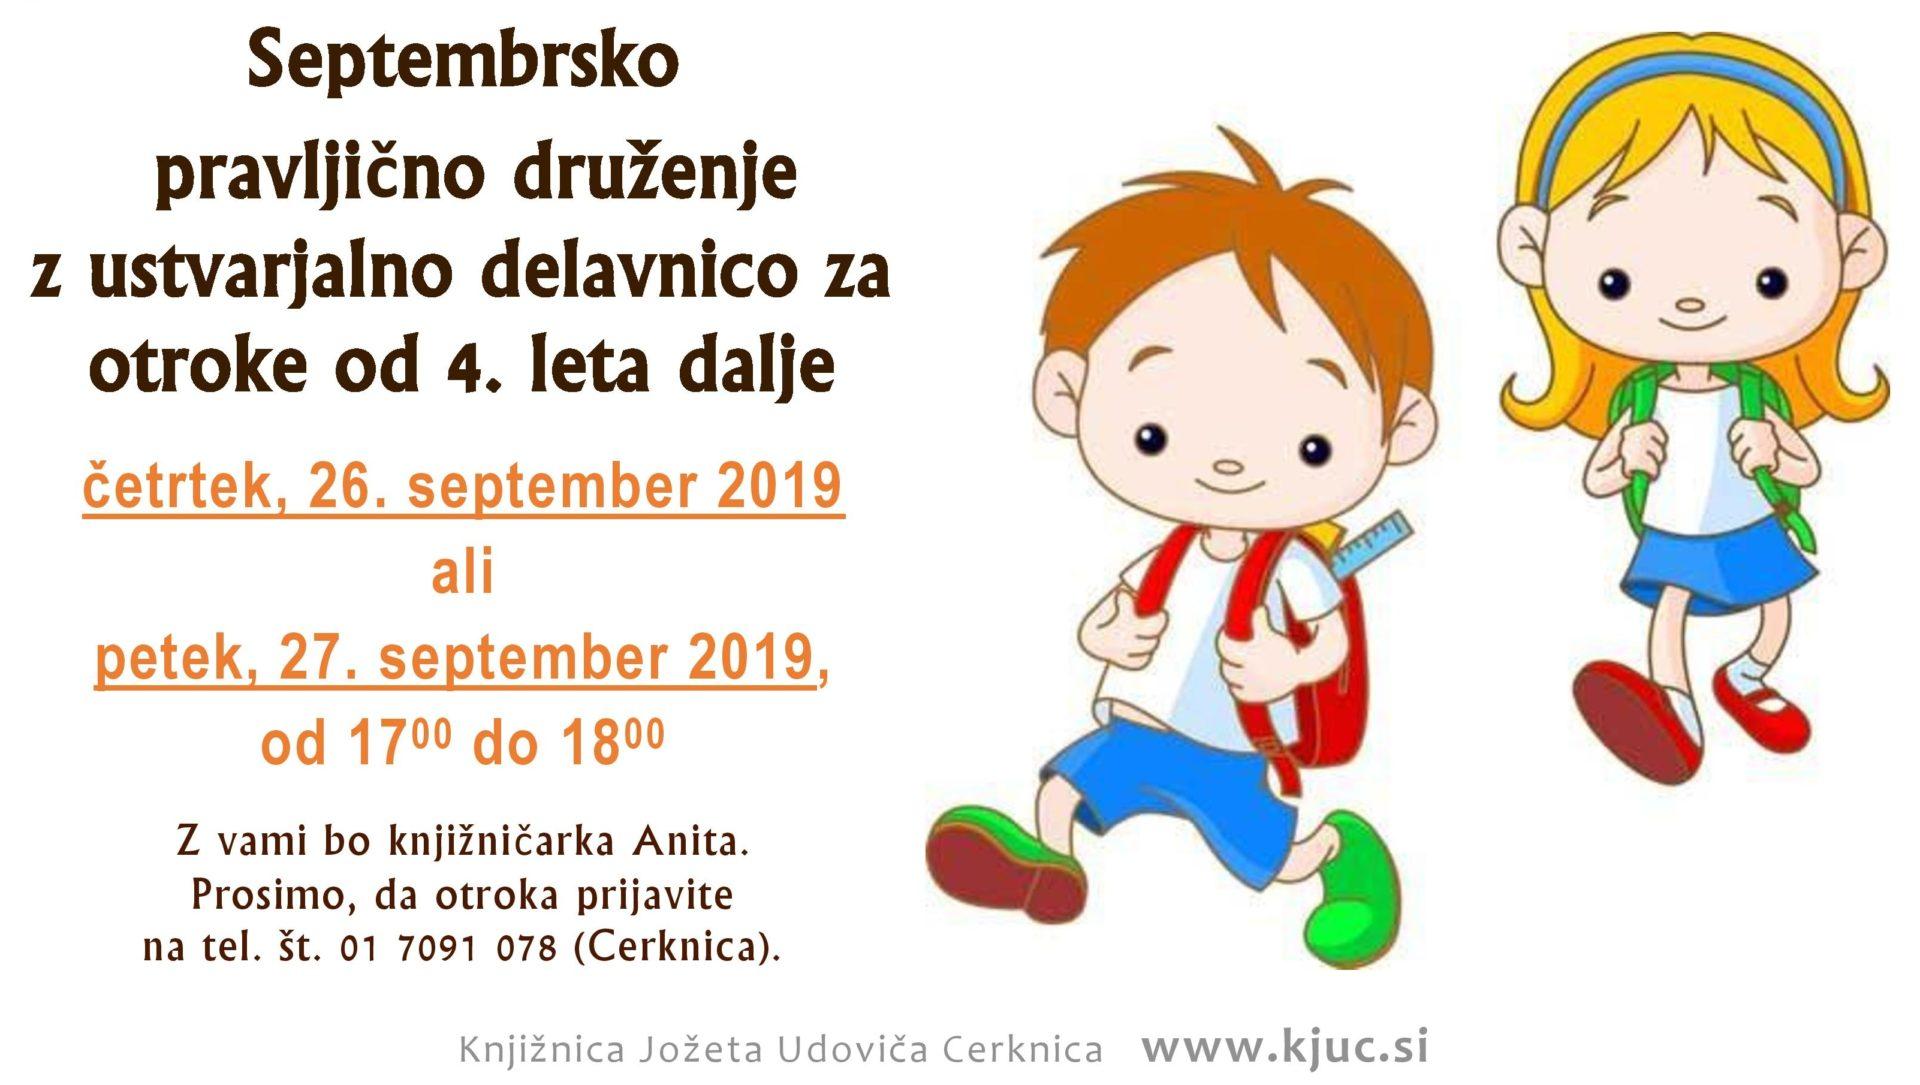 cover 6 - Septembrsko pravljično druženje z ustvarjalno delavnico za otroke od 4. leta dalje